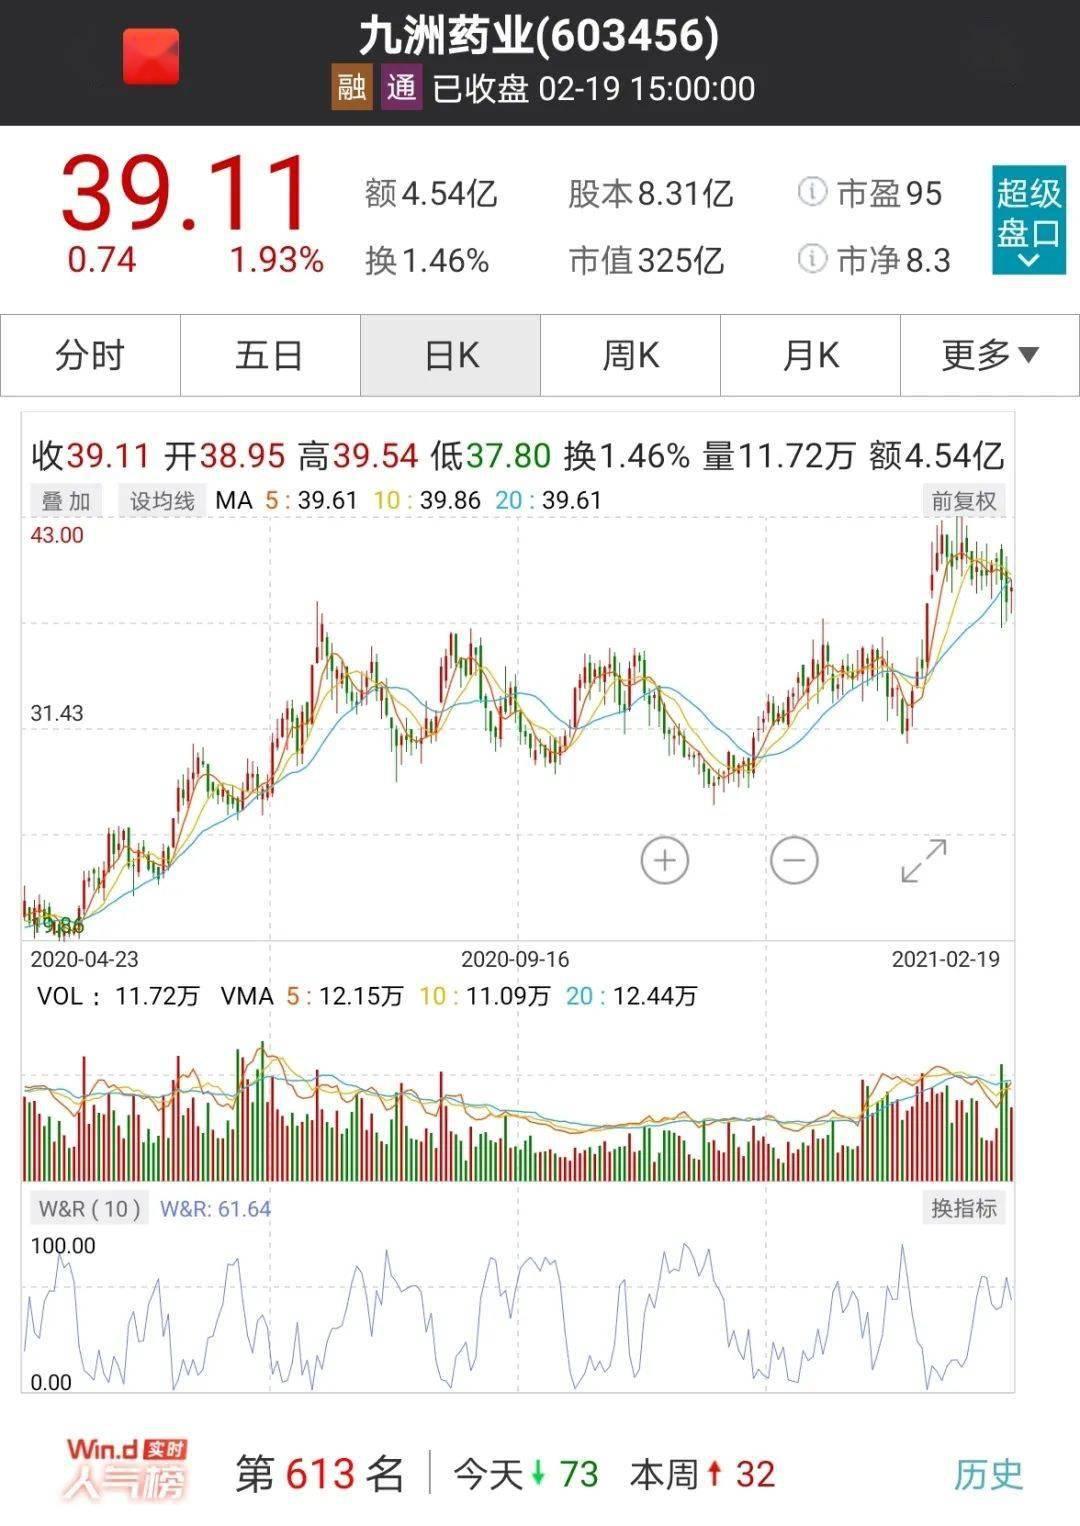 要怎么找可以上网赚钱的办法?这类投资突然火了!傅鹏博、冯波、刘格菘、朱少醒、葛兰等顶流基金经理全出手了,这些股票将有大机会?!